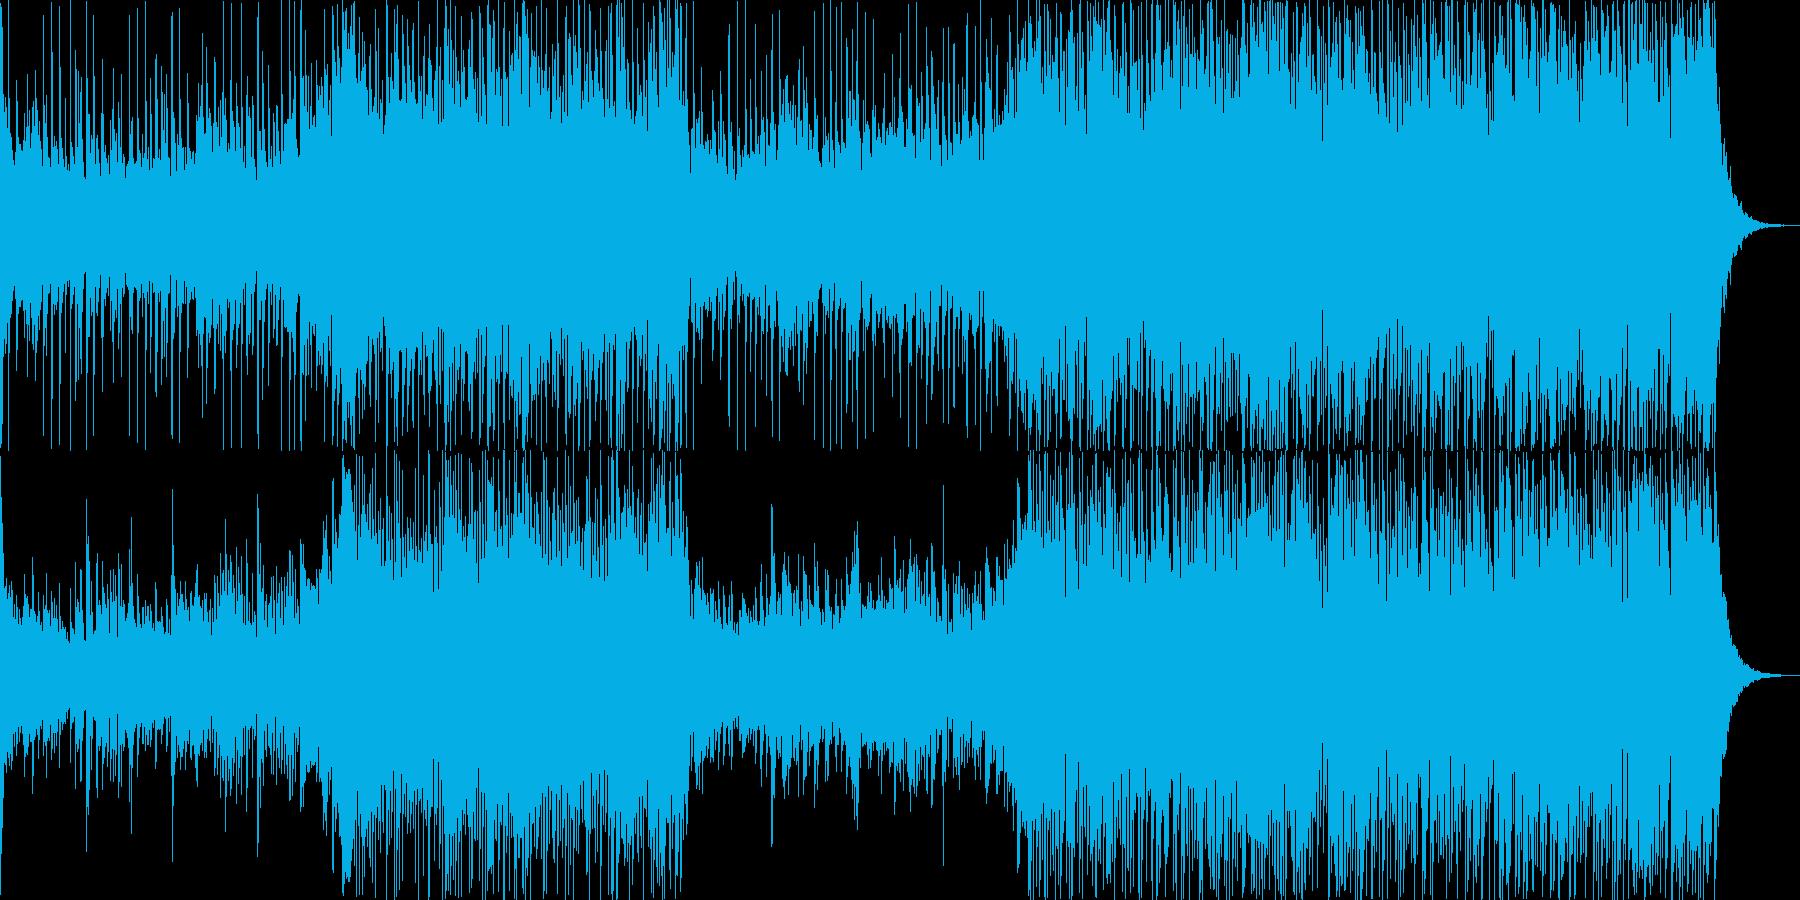 フランス語の造語を駆使した神秘的な楽曲の再生済みの波形